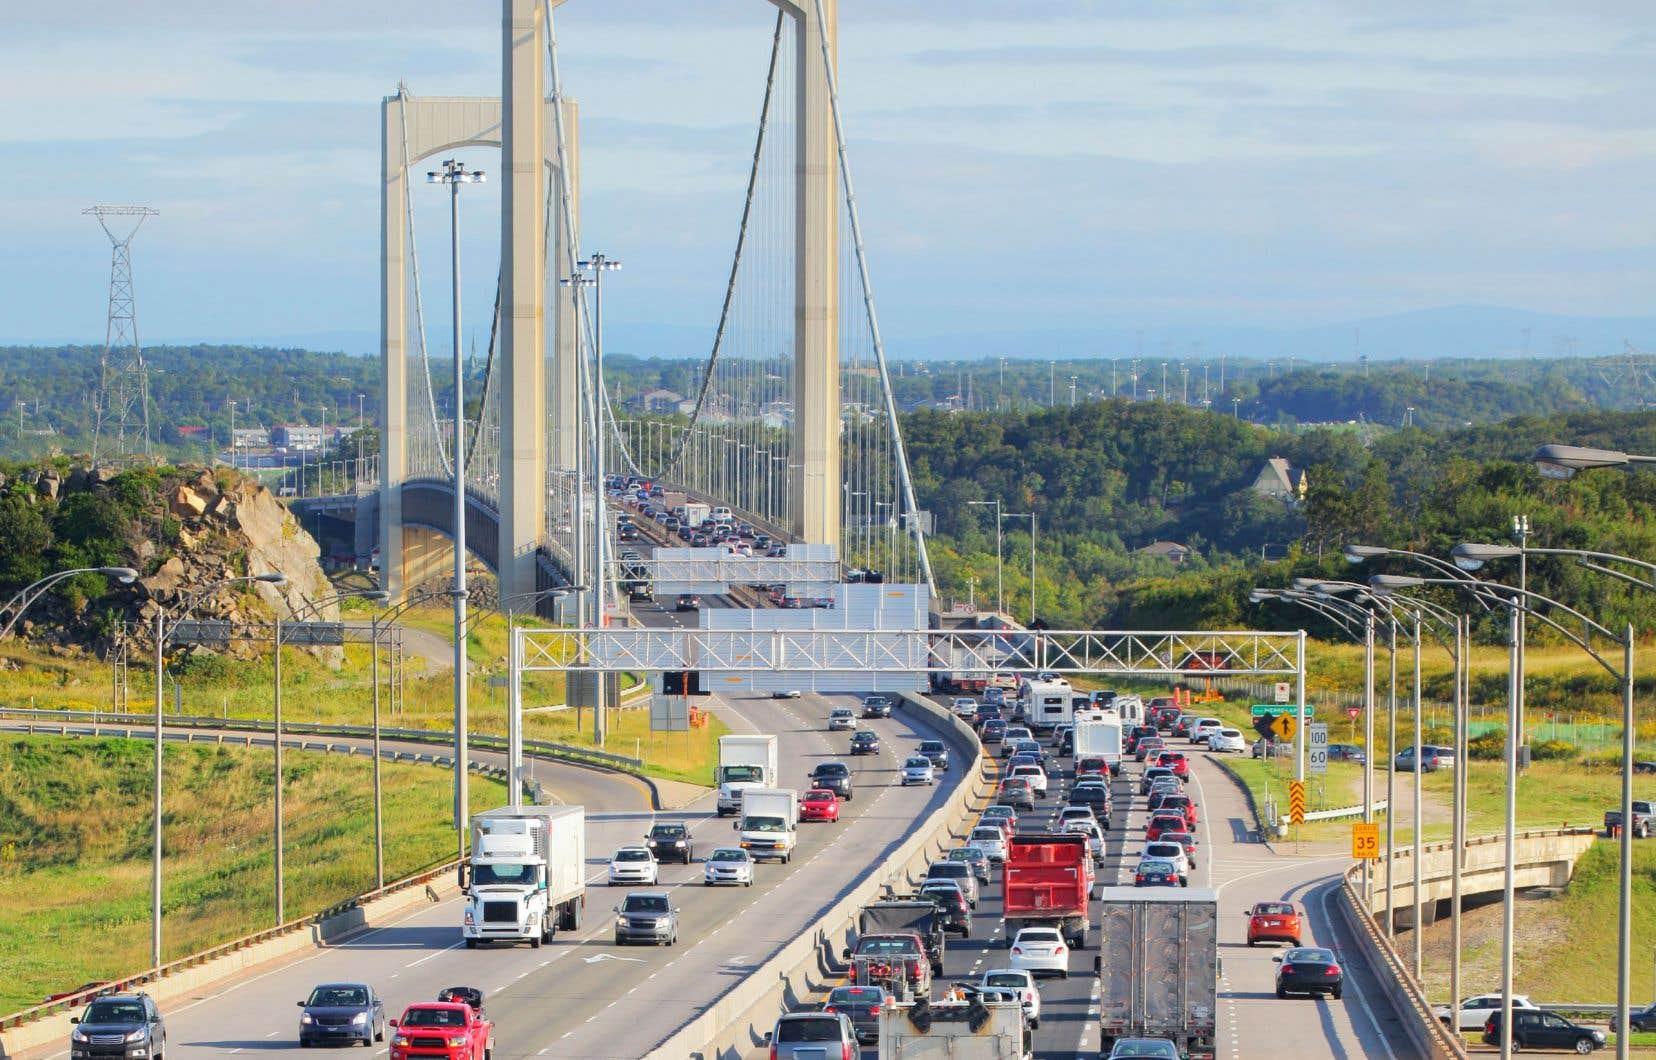 L'enquête Origine-Destination confirme la croissance des problèmes de congestion dans la région de Québec, l'heure de pointe s'étant prolongée le matin et particulièrement le soir.